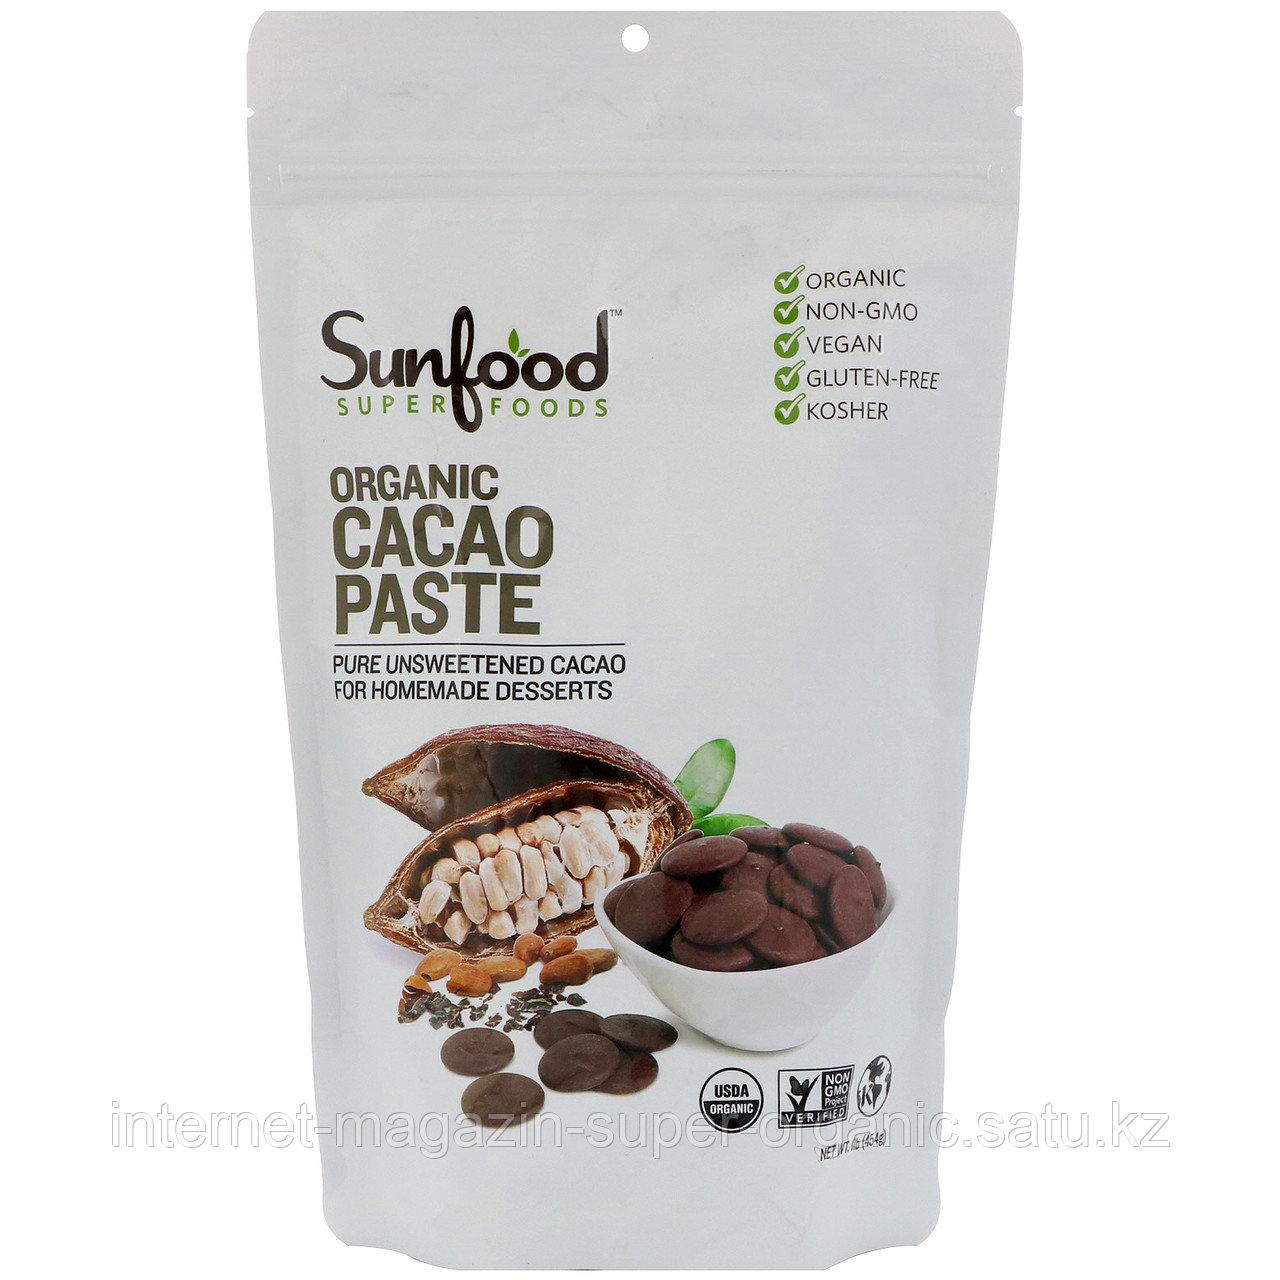 Какао-паста сырая органическая, 454 г (Organic Cacao Paste) Sunfood